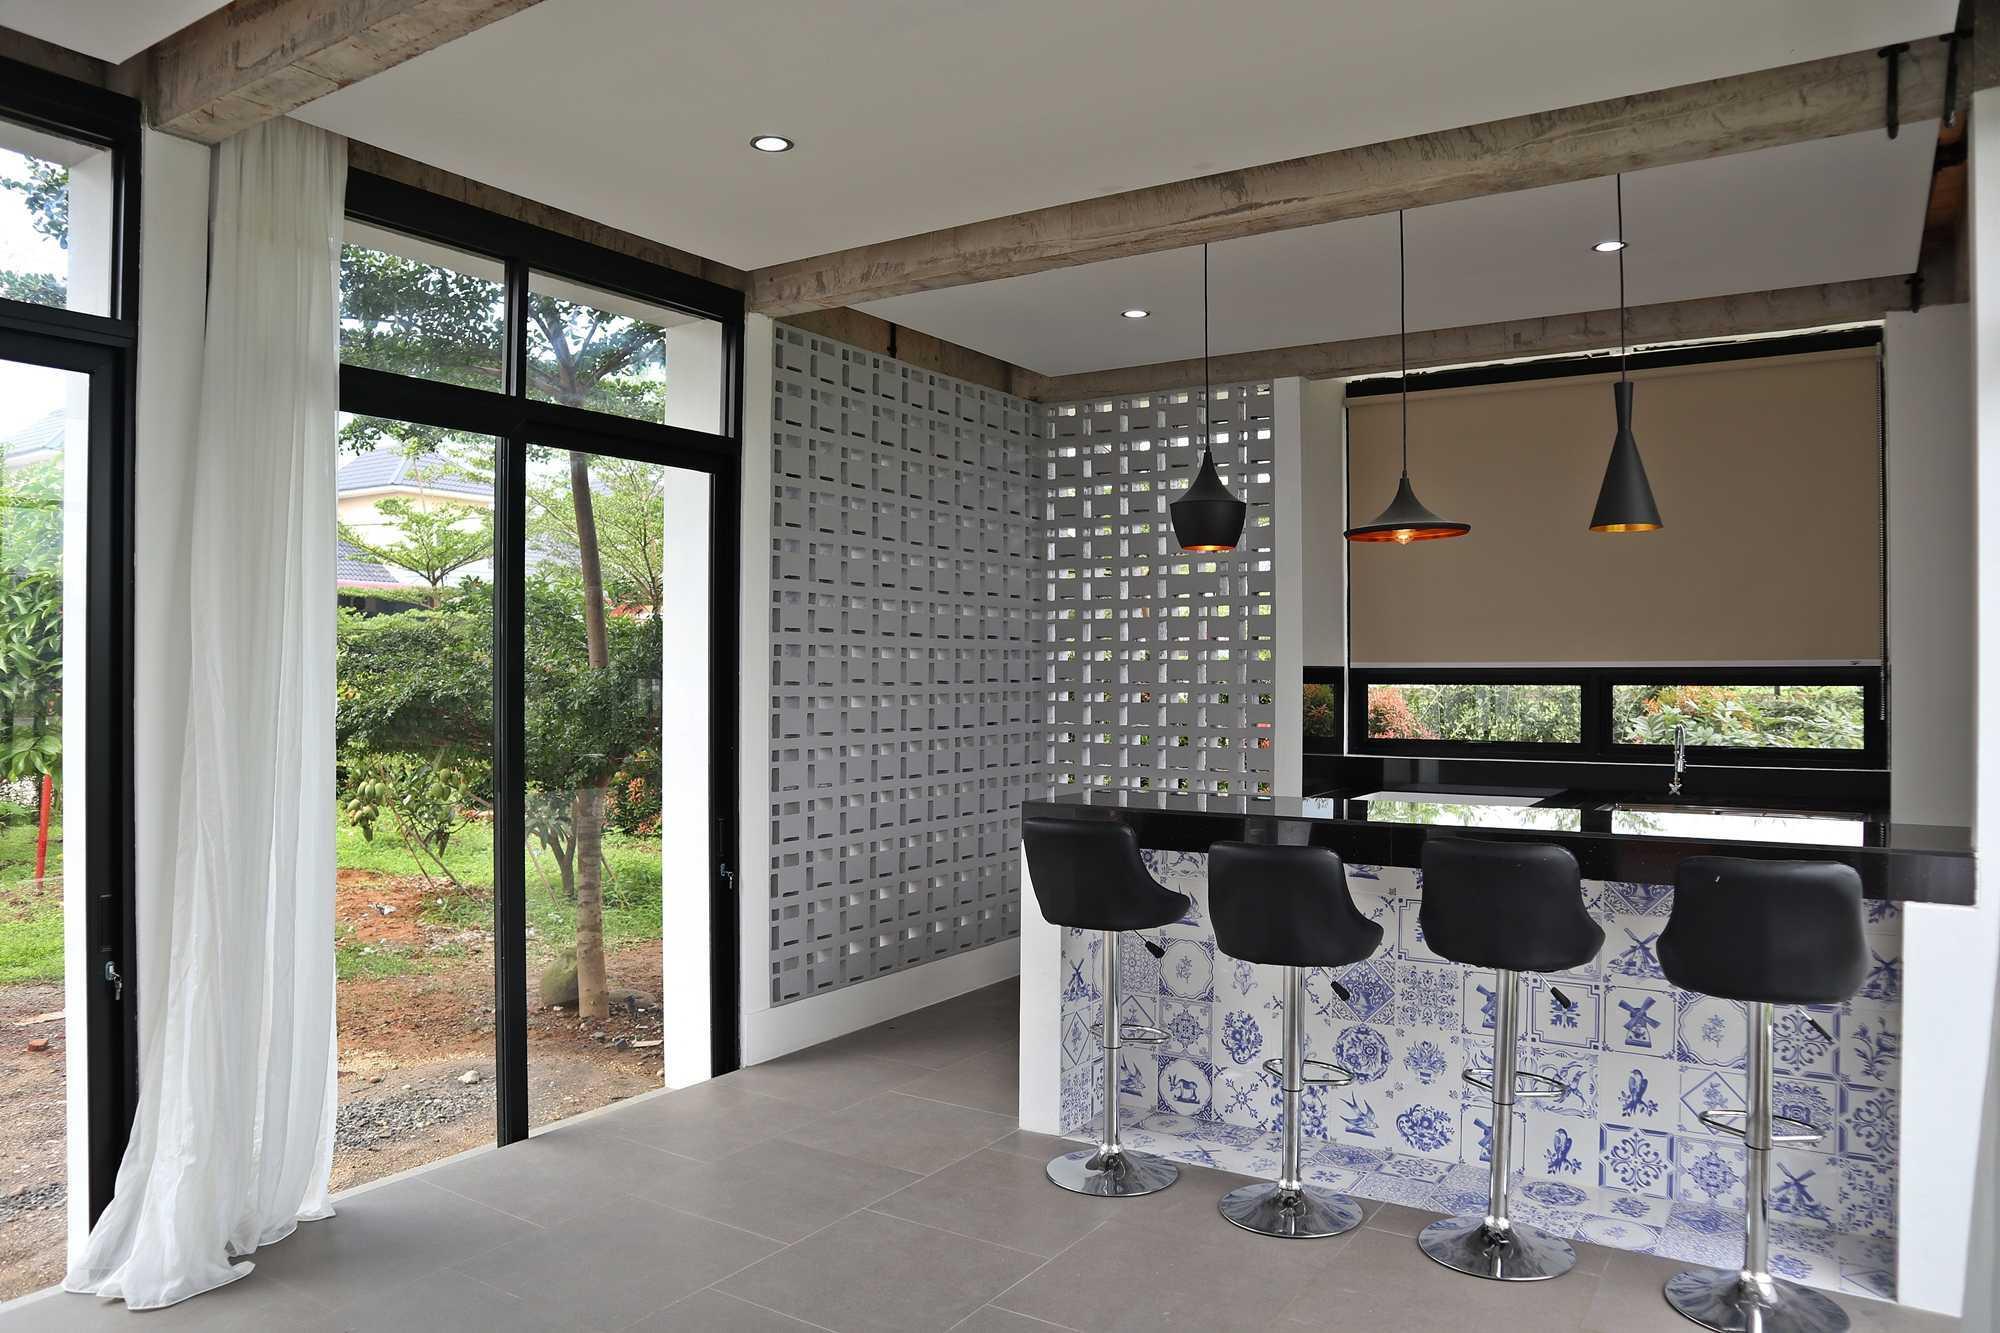 Bd Studio Je Villa House Medan, Kota Medan, Sumatera Utara, Indonesia Medan, Kota Medan, Sumatera Utara, Indonesia Bd-Studio-Je-Villa-House   74116